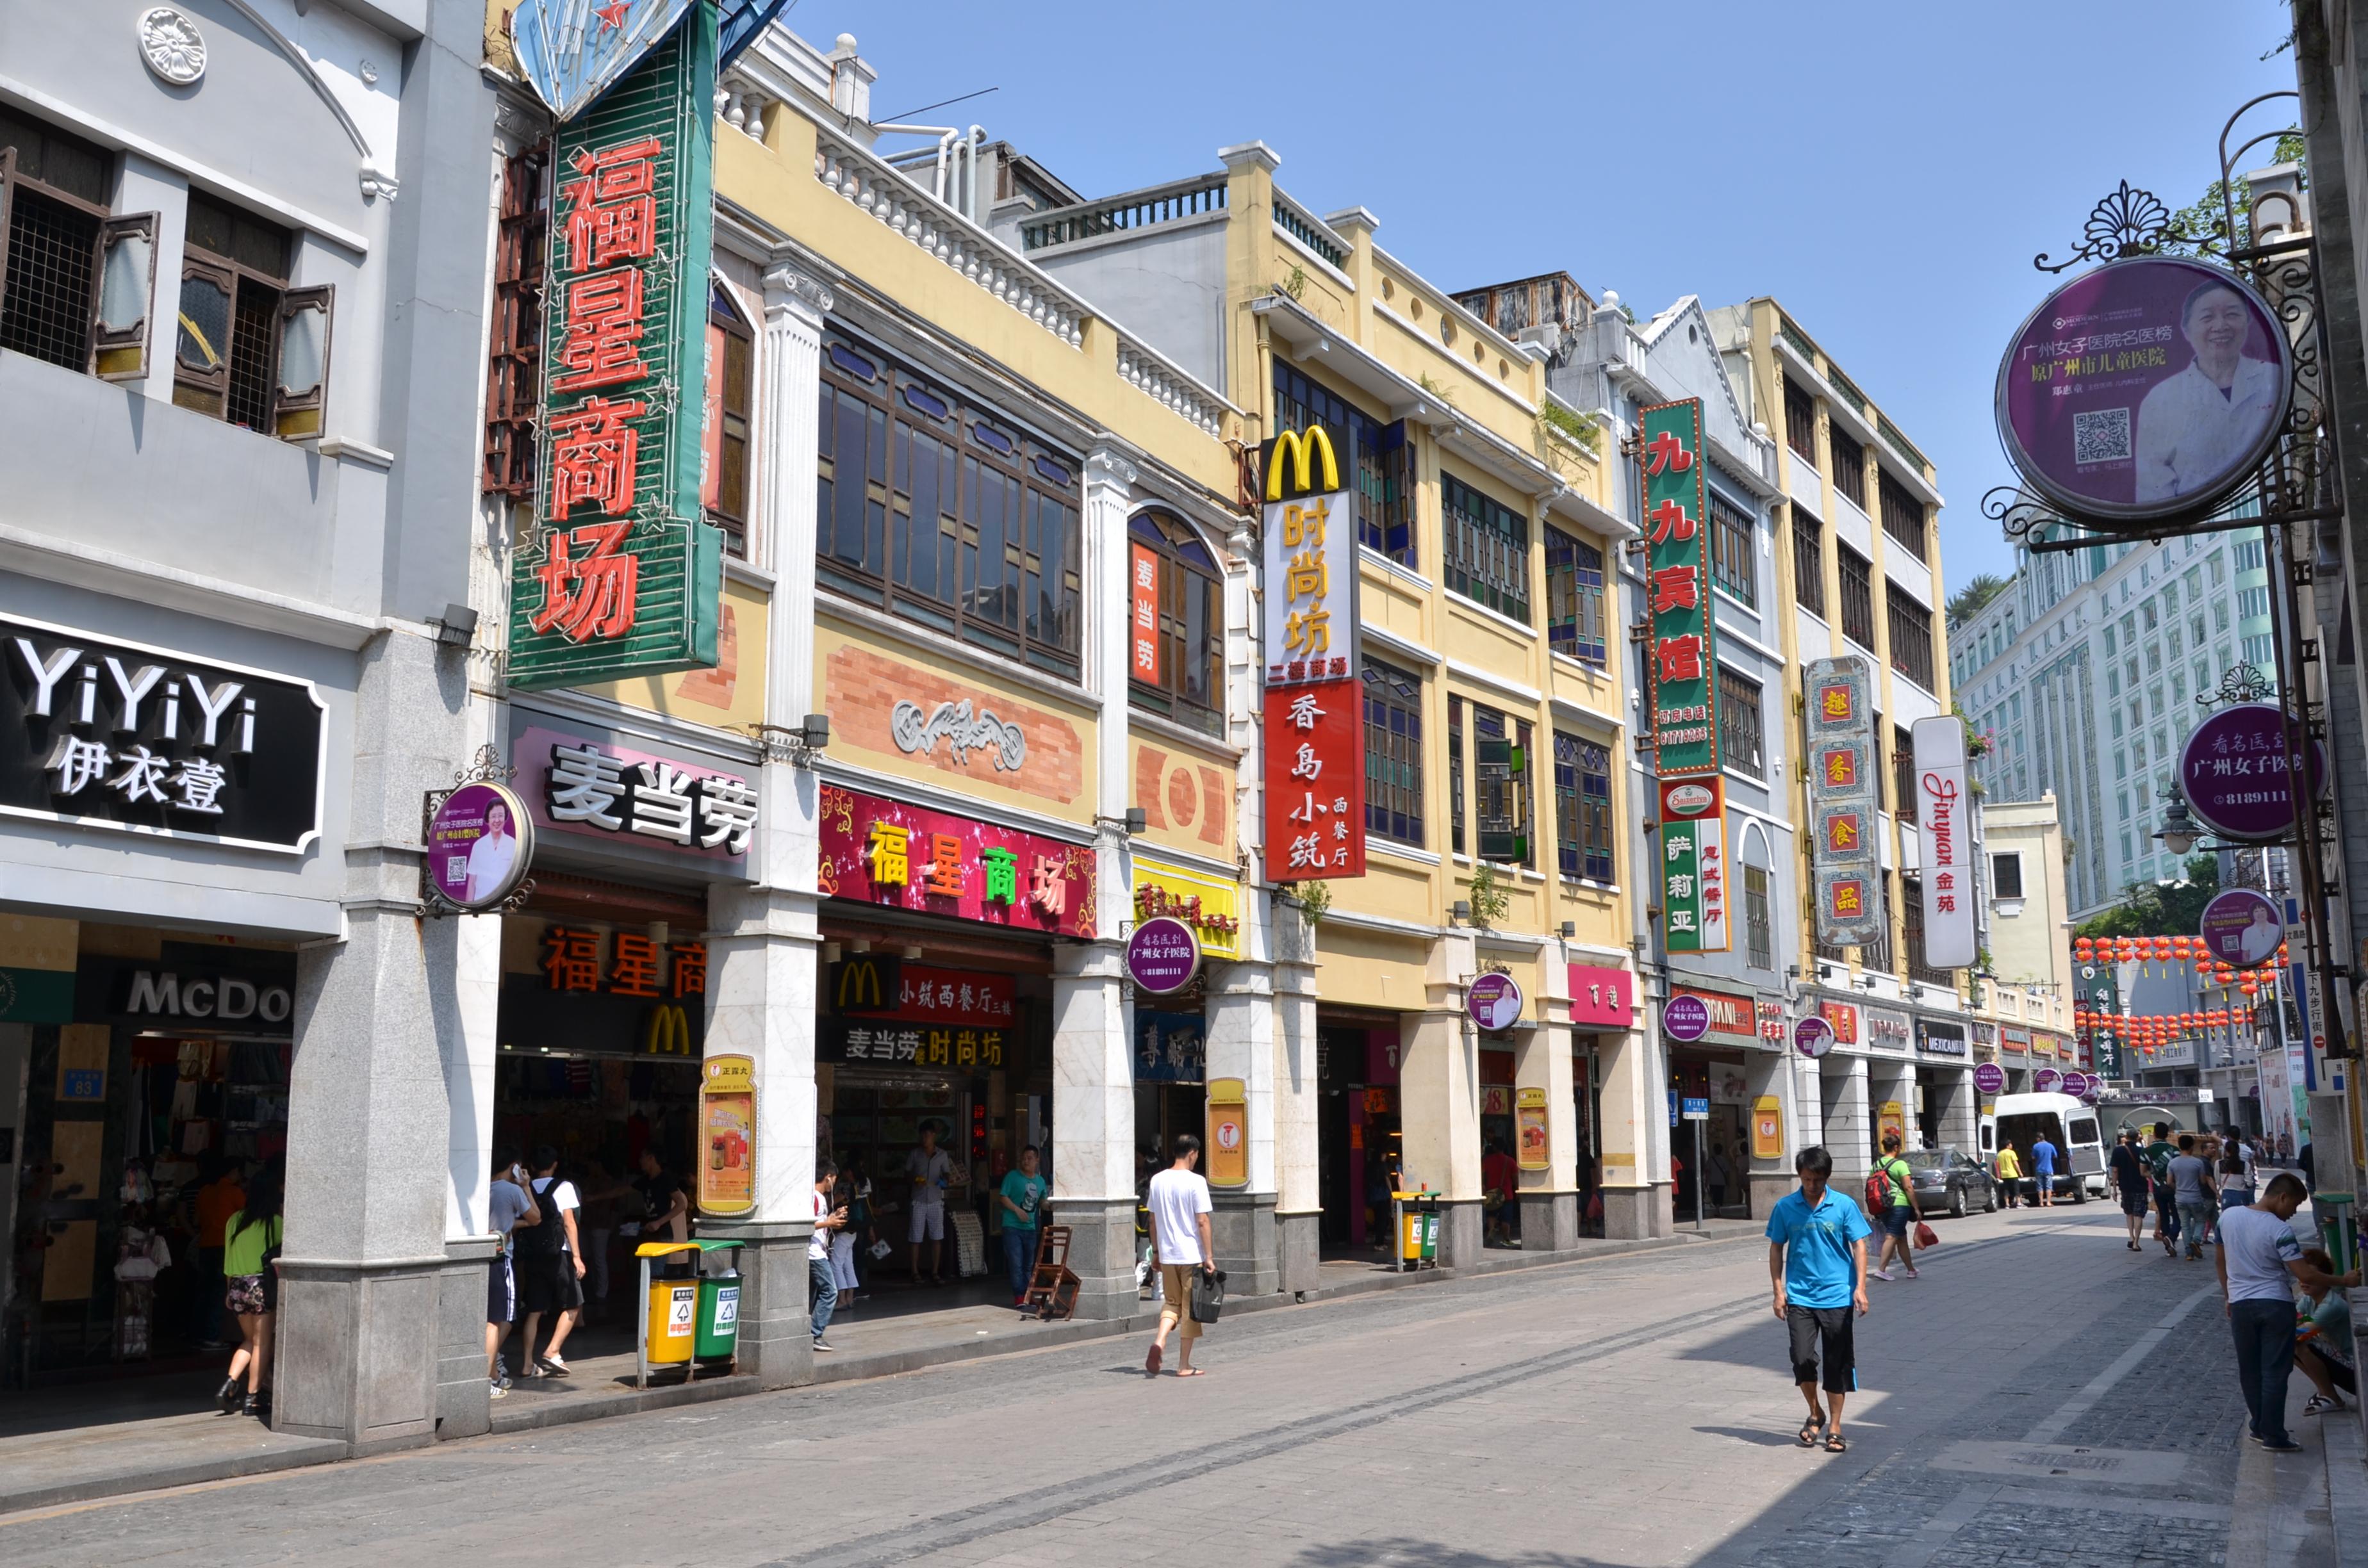 广州上下九广州酒家_请问广州上下九附近有什么好的酒店-